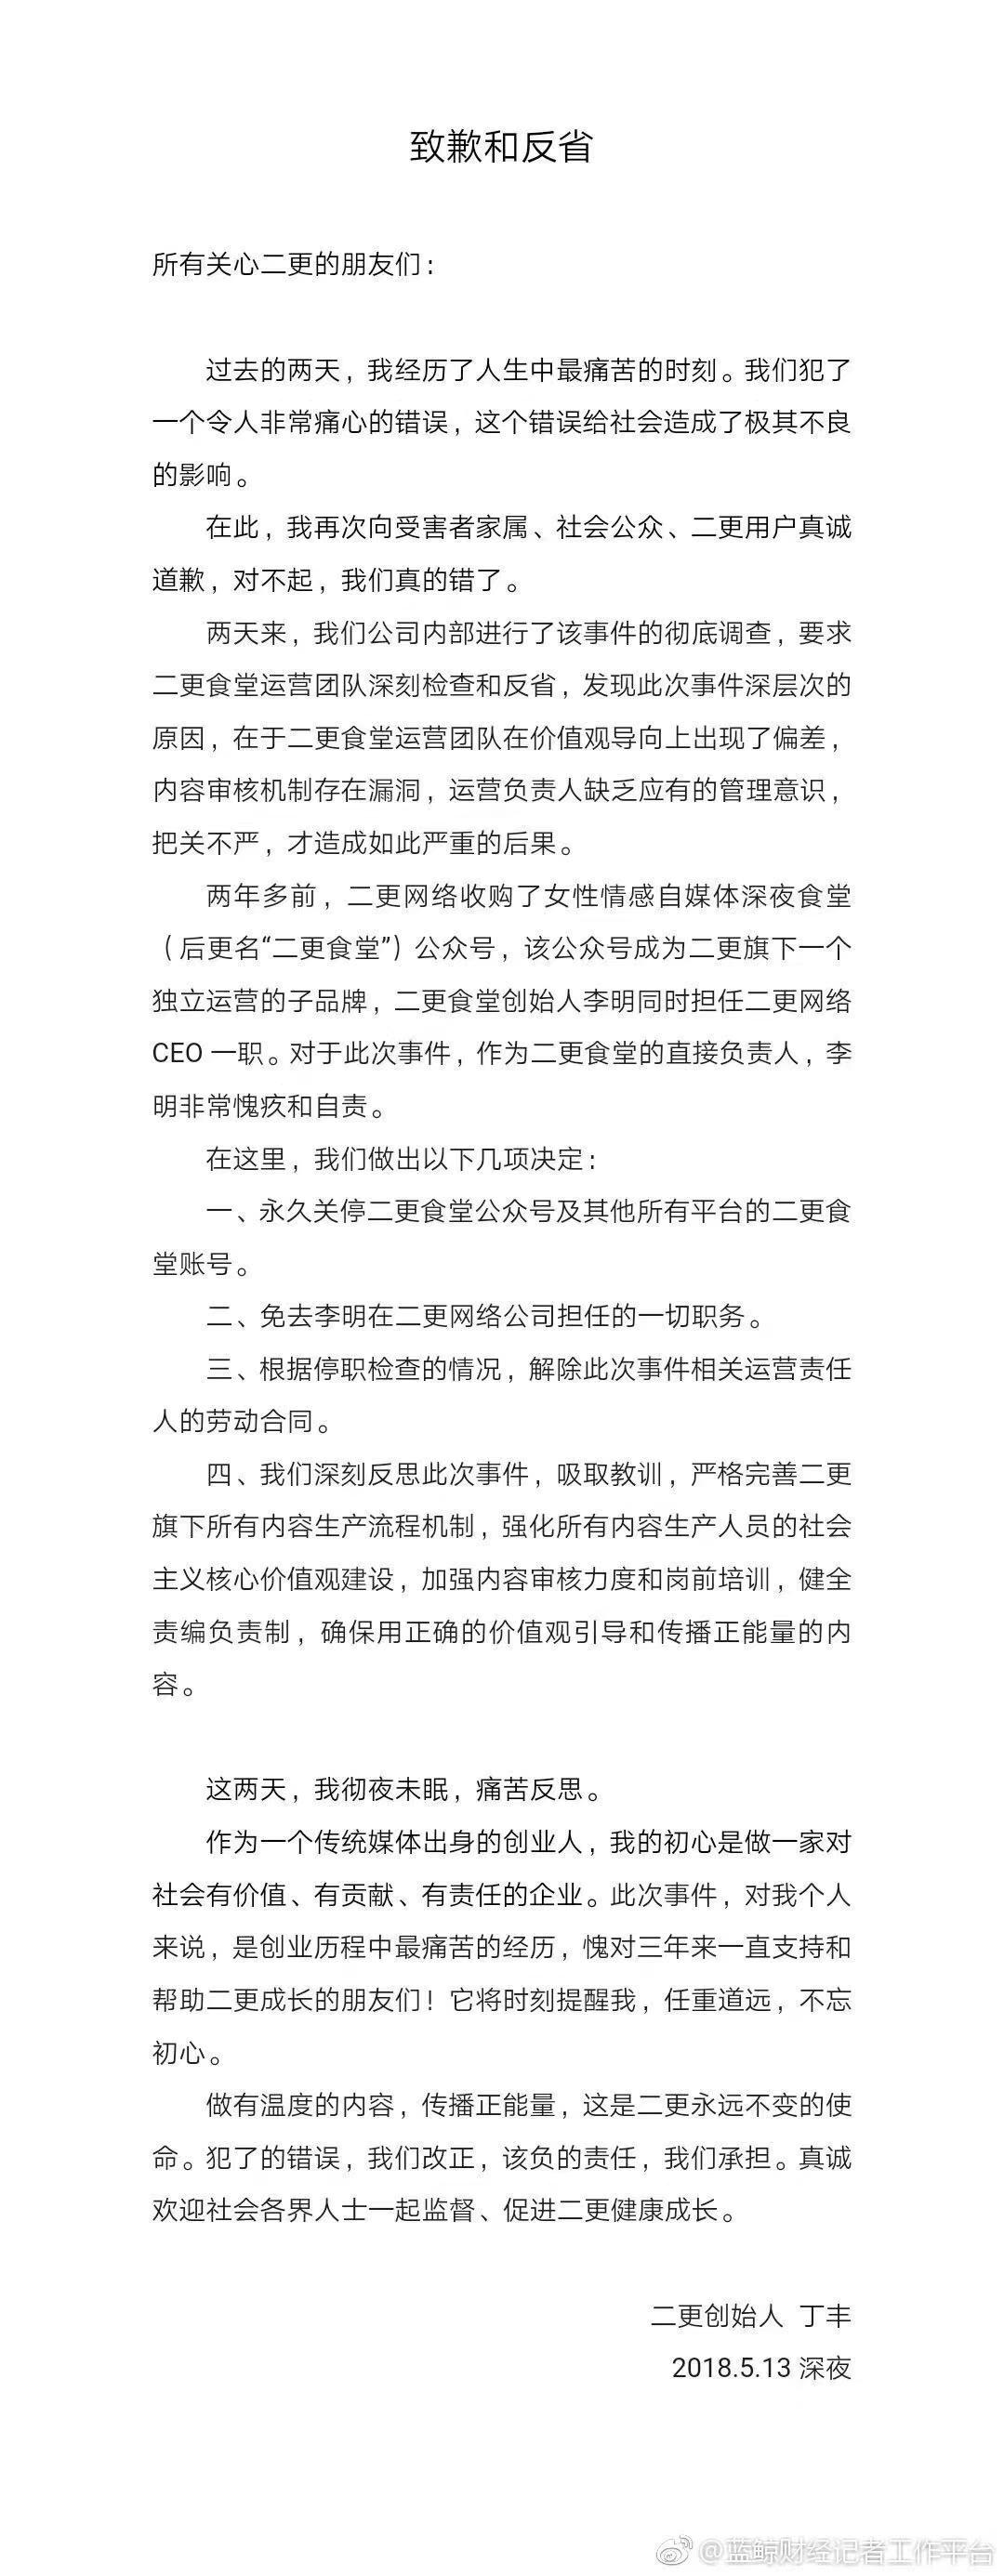 二更食堂永久关闭,CEO李明免职。